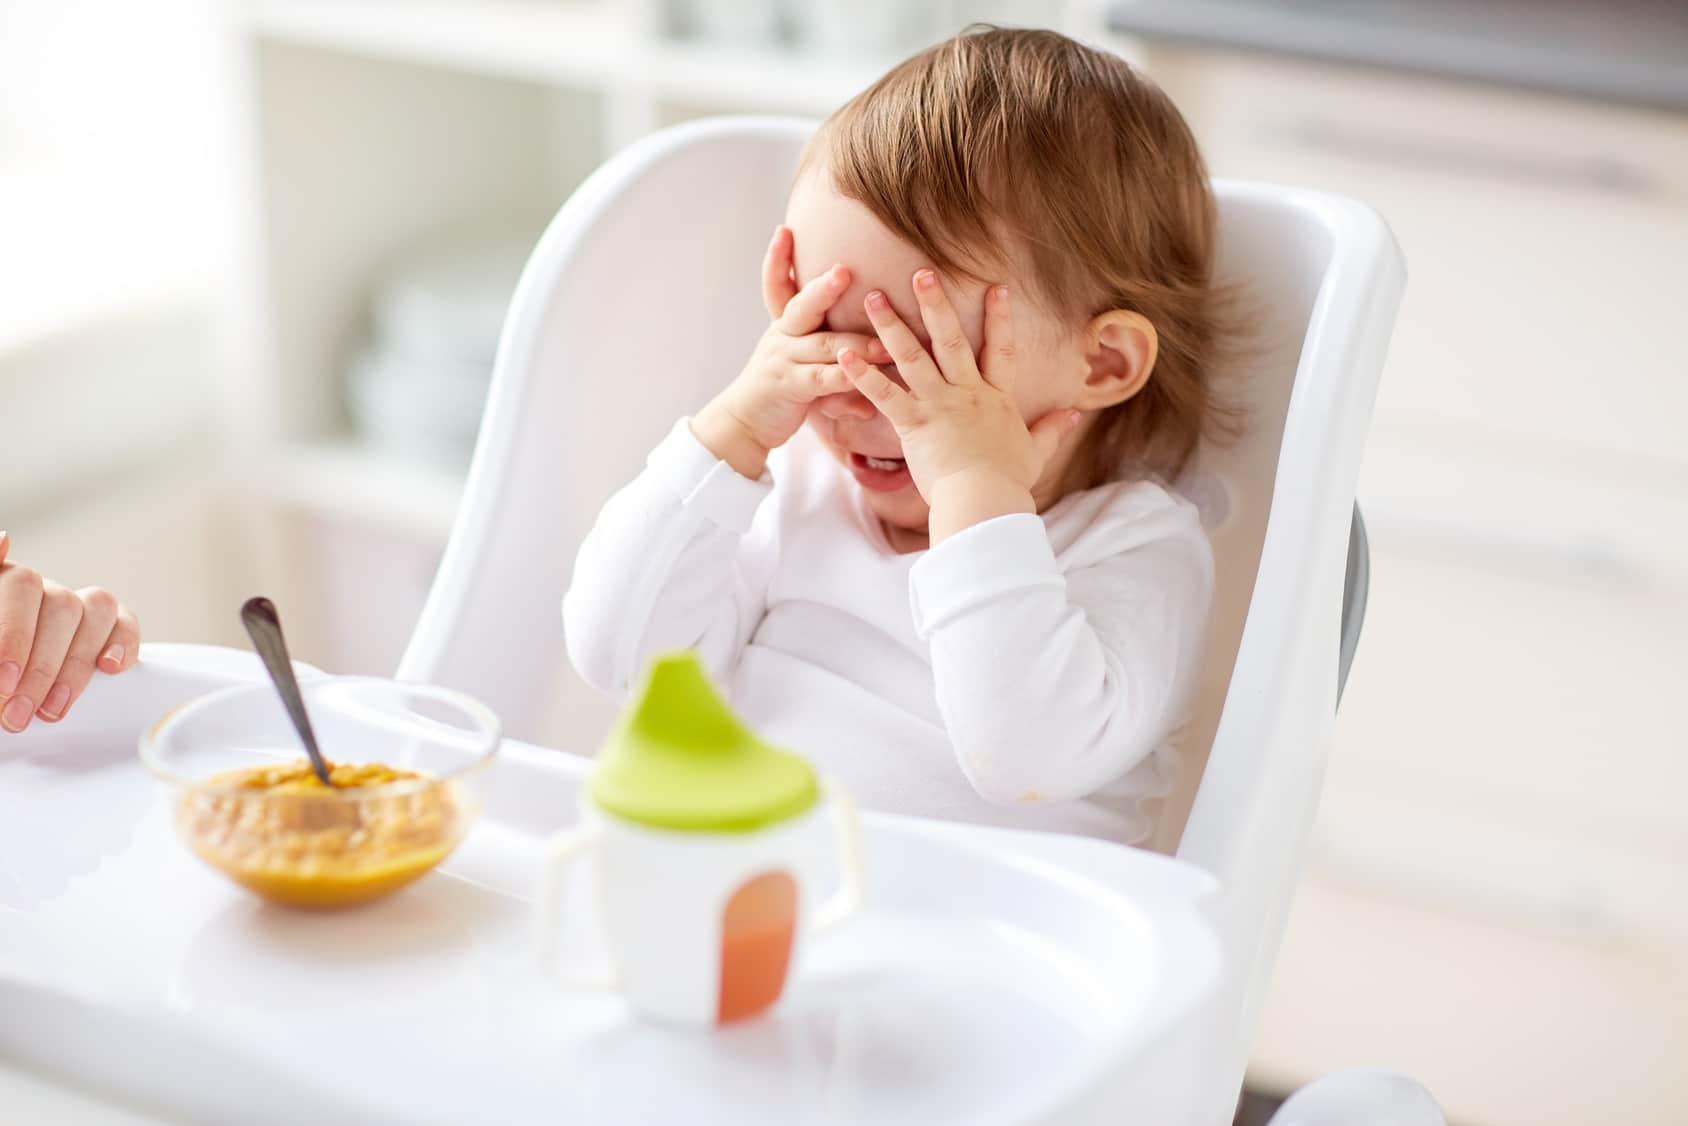 çocuklarda yeme sorunları